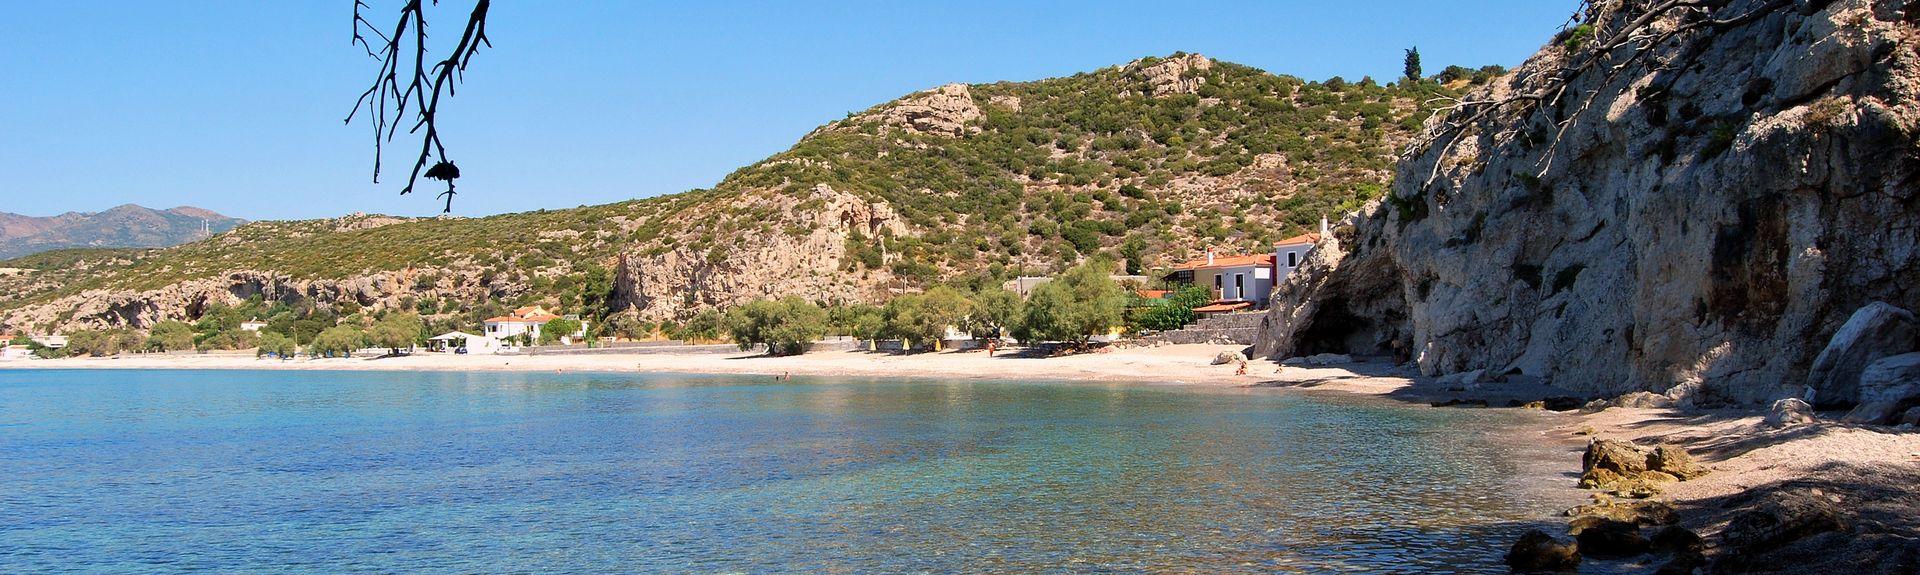 Samos, Wyspy Egejskie Północne, Grecja